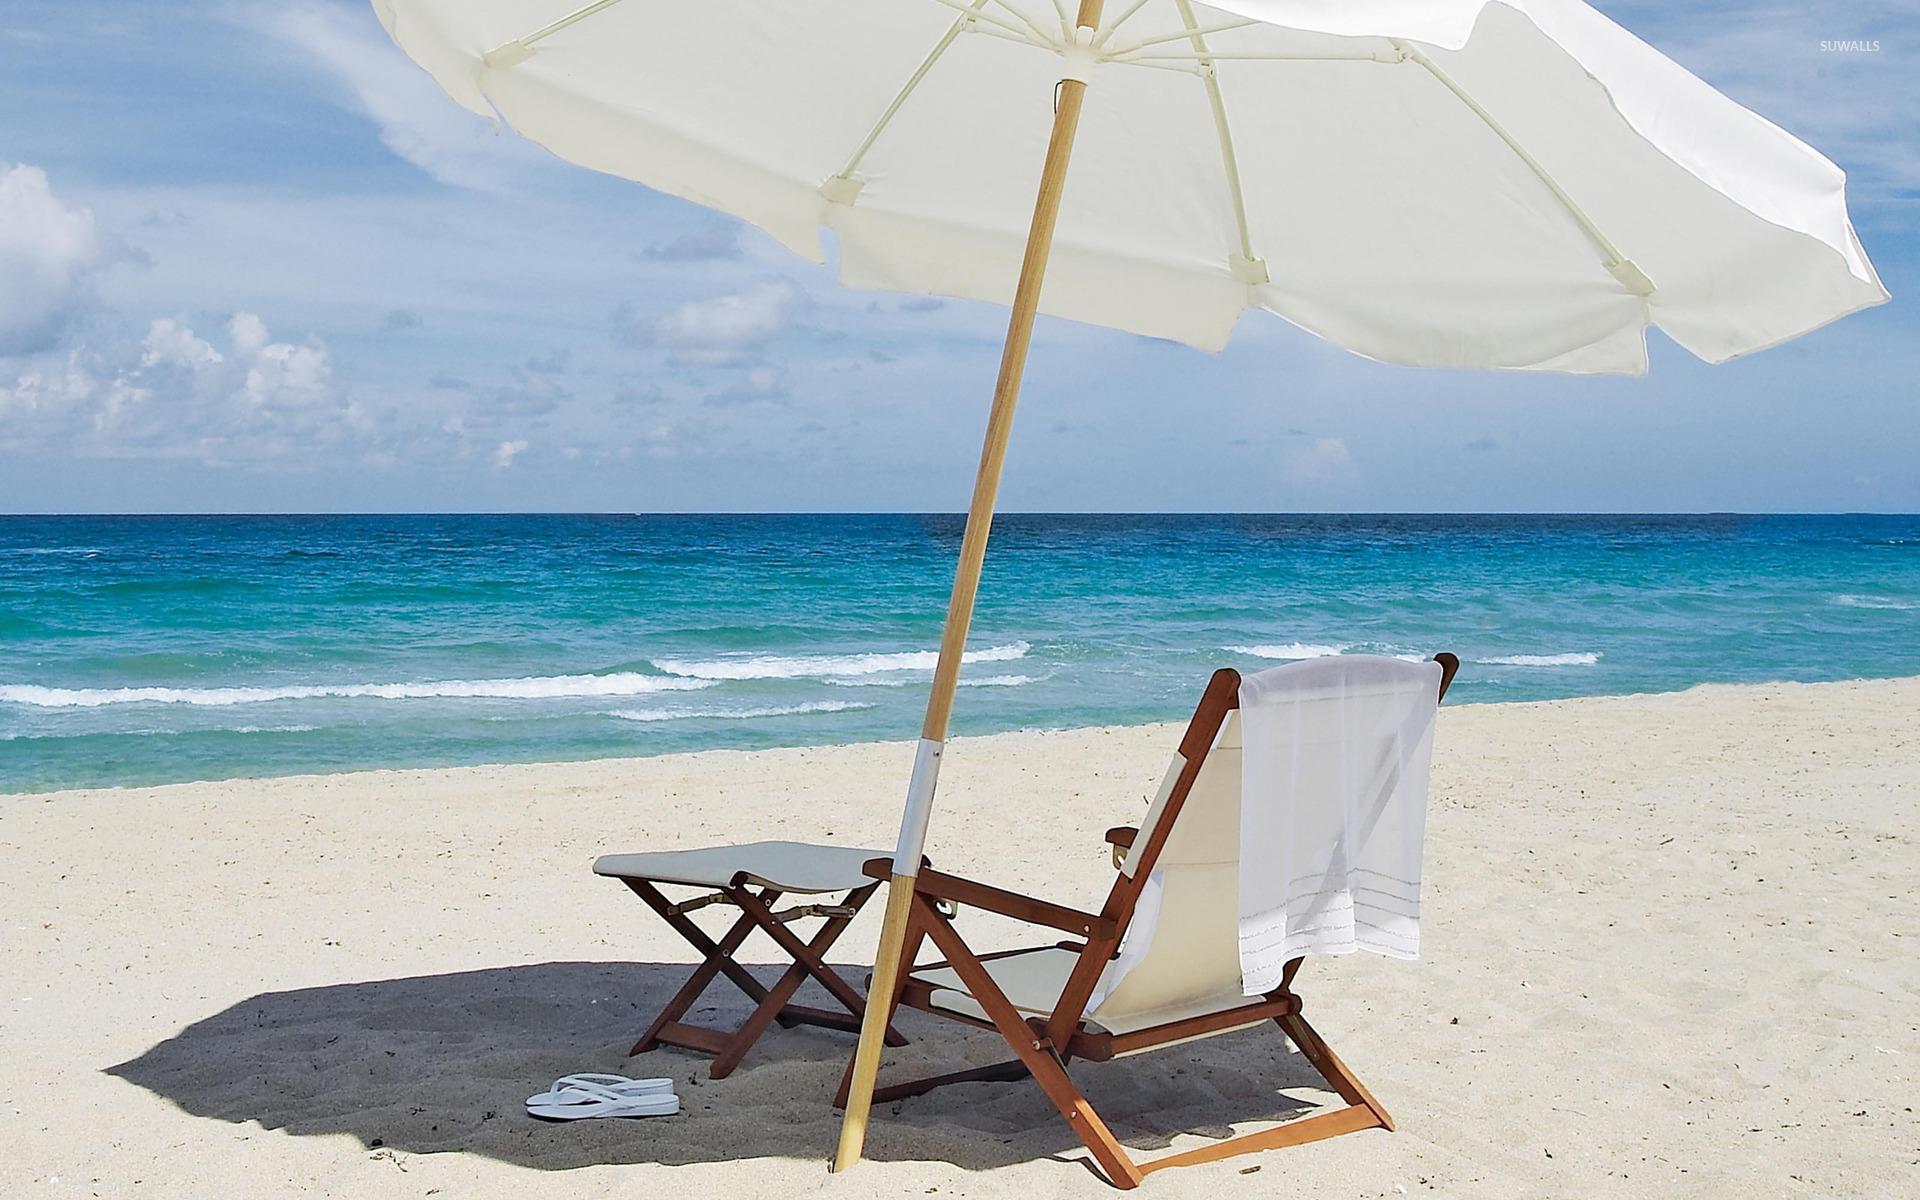 Sunny Beach wallpaper   Beach wallpapers   14008 1920x1200